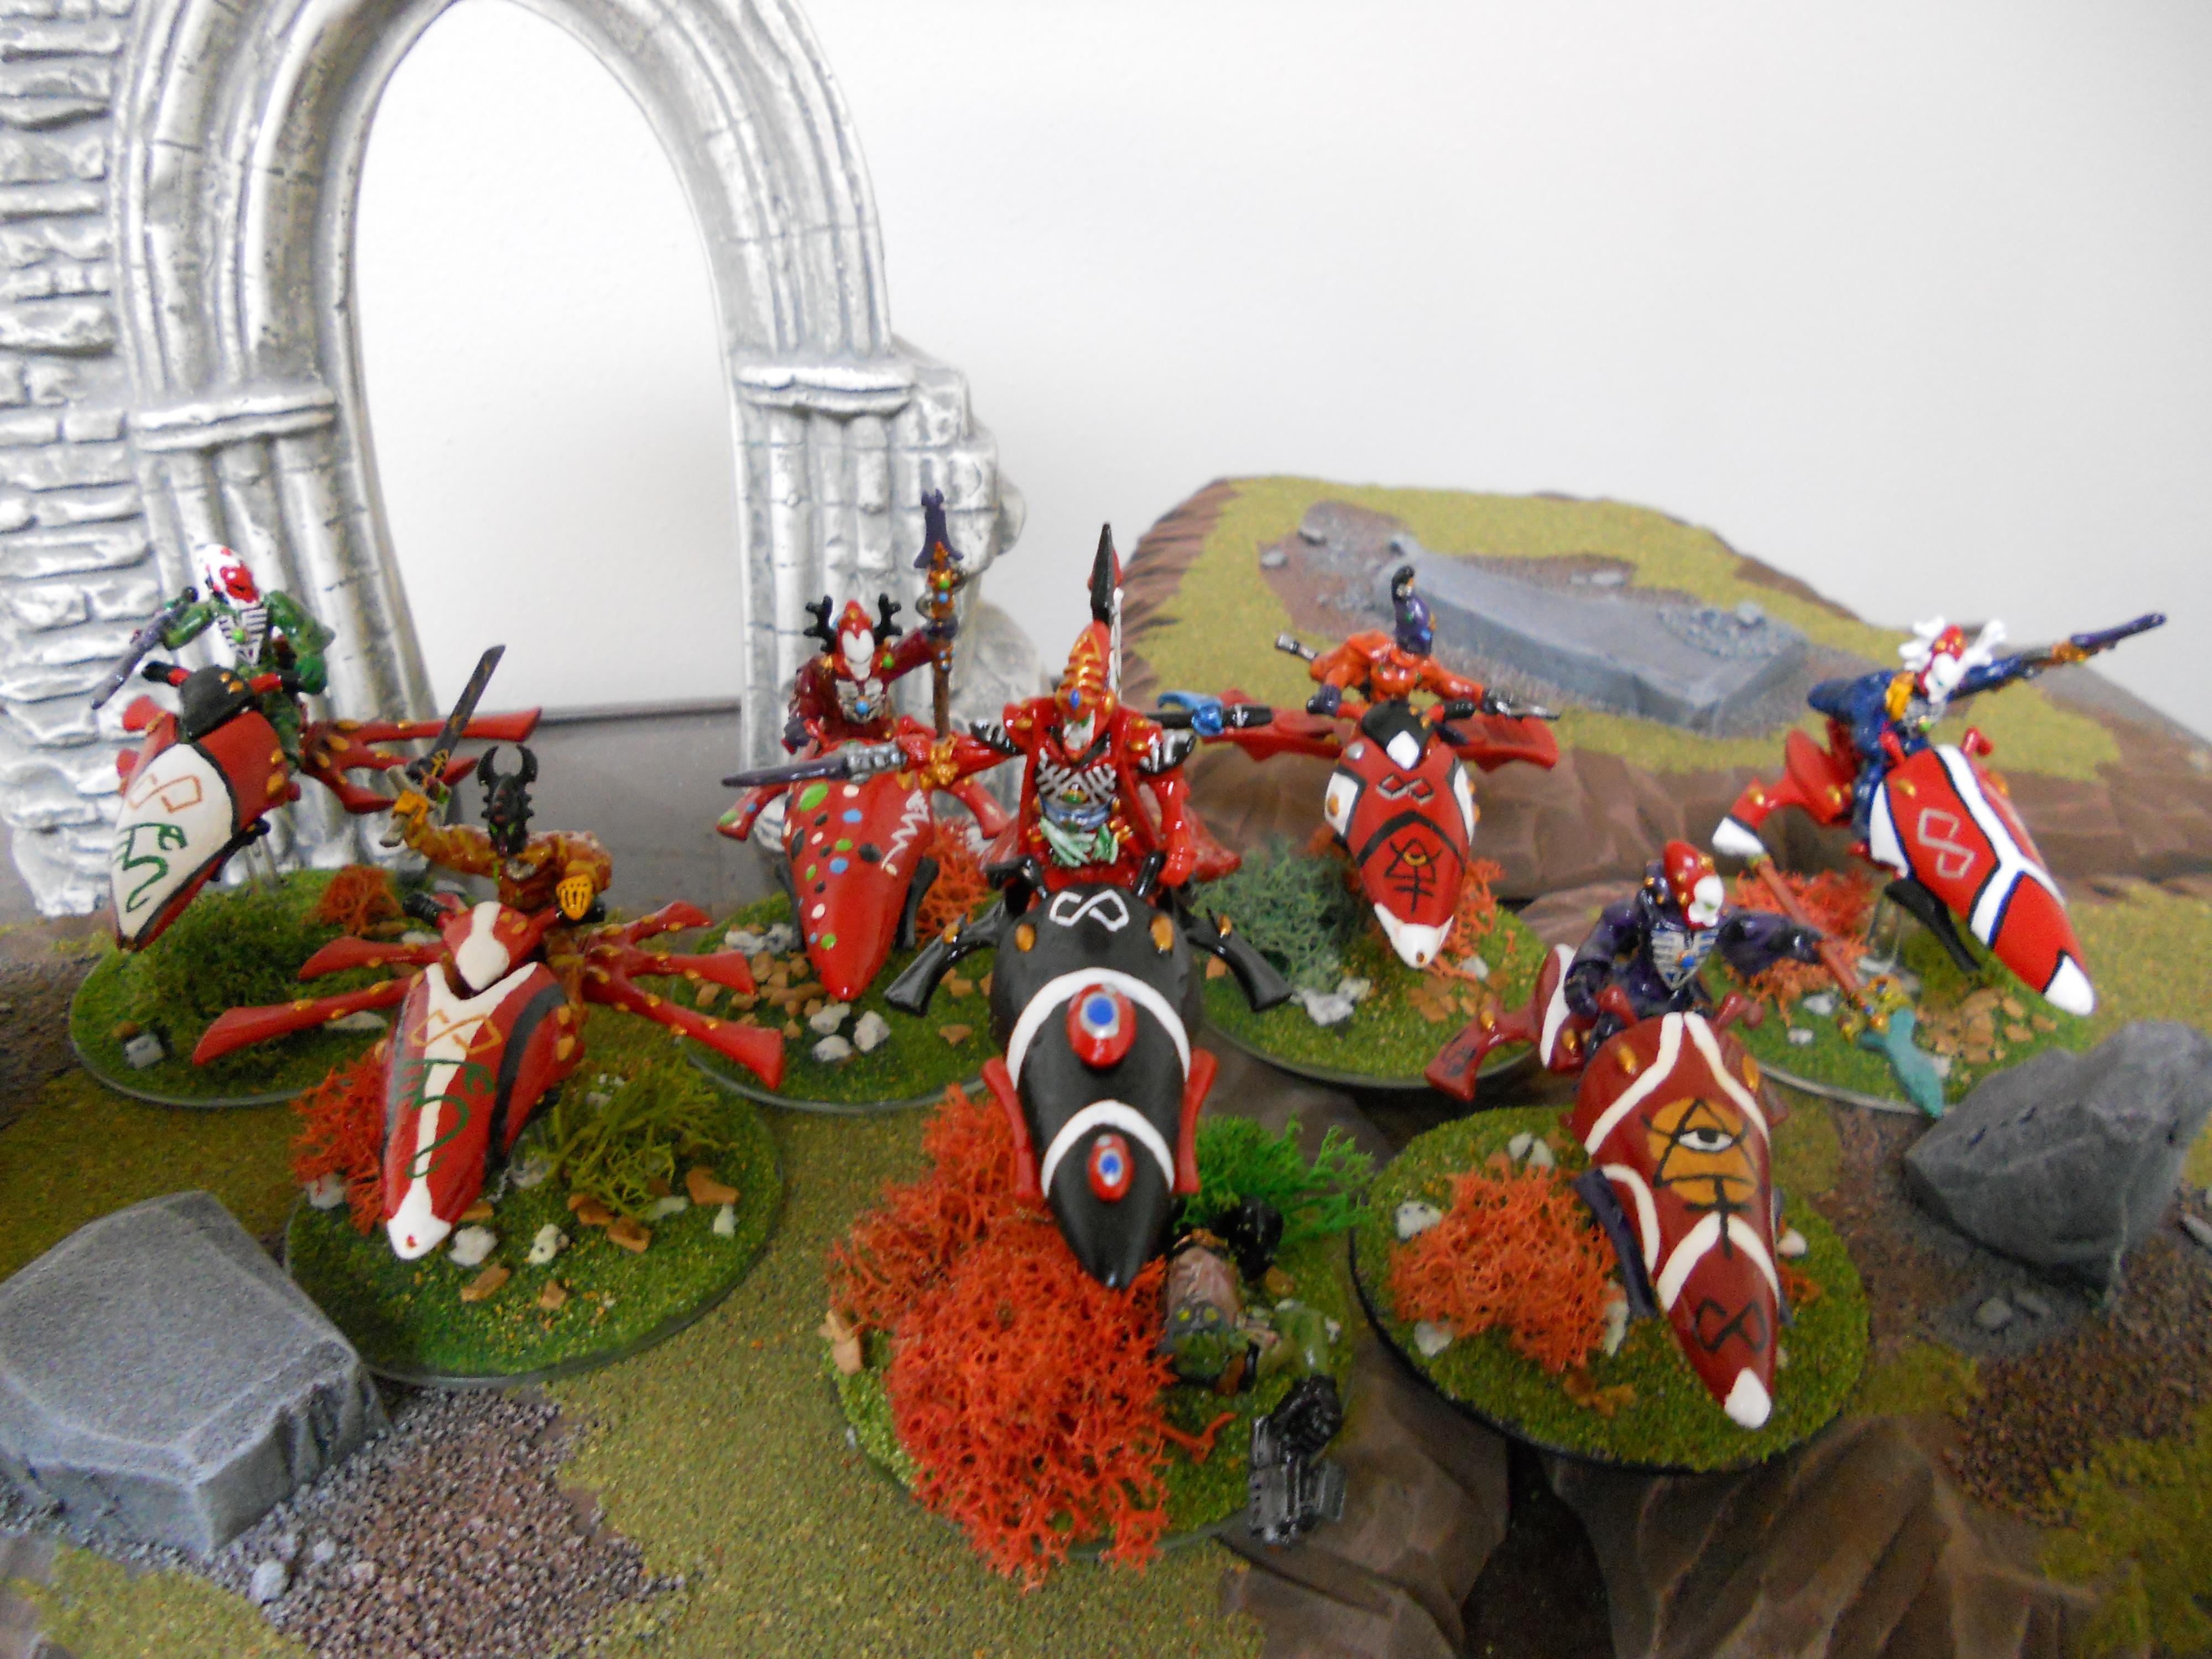 Eldar, Farseer, Jetbike, Saim-hann, Seer Council, Warhammer 40,000, Warhammer 40k Eldar Saim-hann Army, Warlock